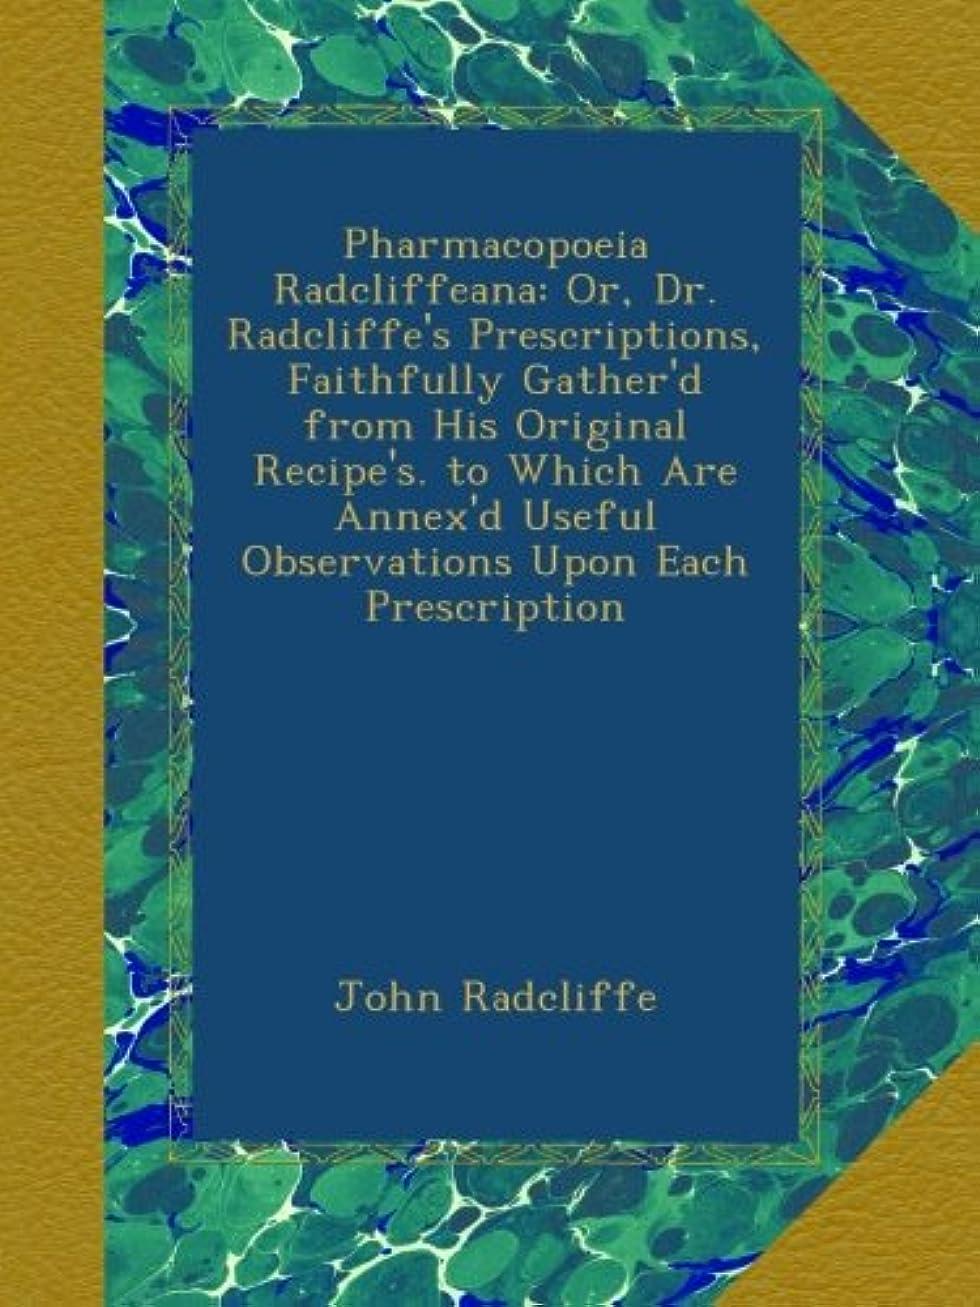 アーカイブむしろミニPharmacopoeia Radcliffeana: Or, Dr. Radcliffe's Prescriptions, Faithfully Gather'd from His Original Recipe's. to Which Are Annex'd Useful Observations Upon Each Prescription